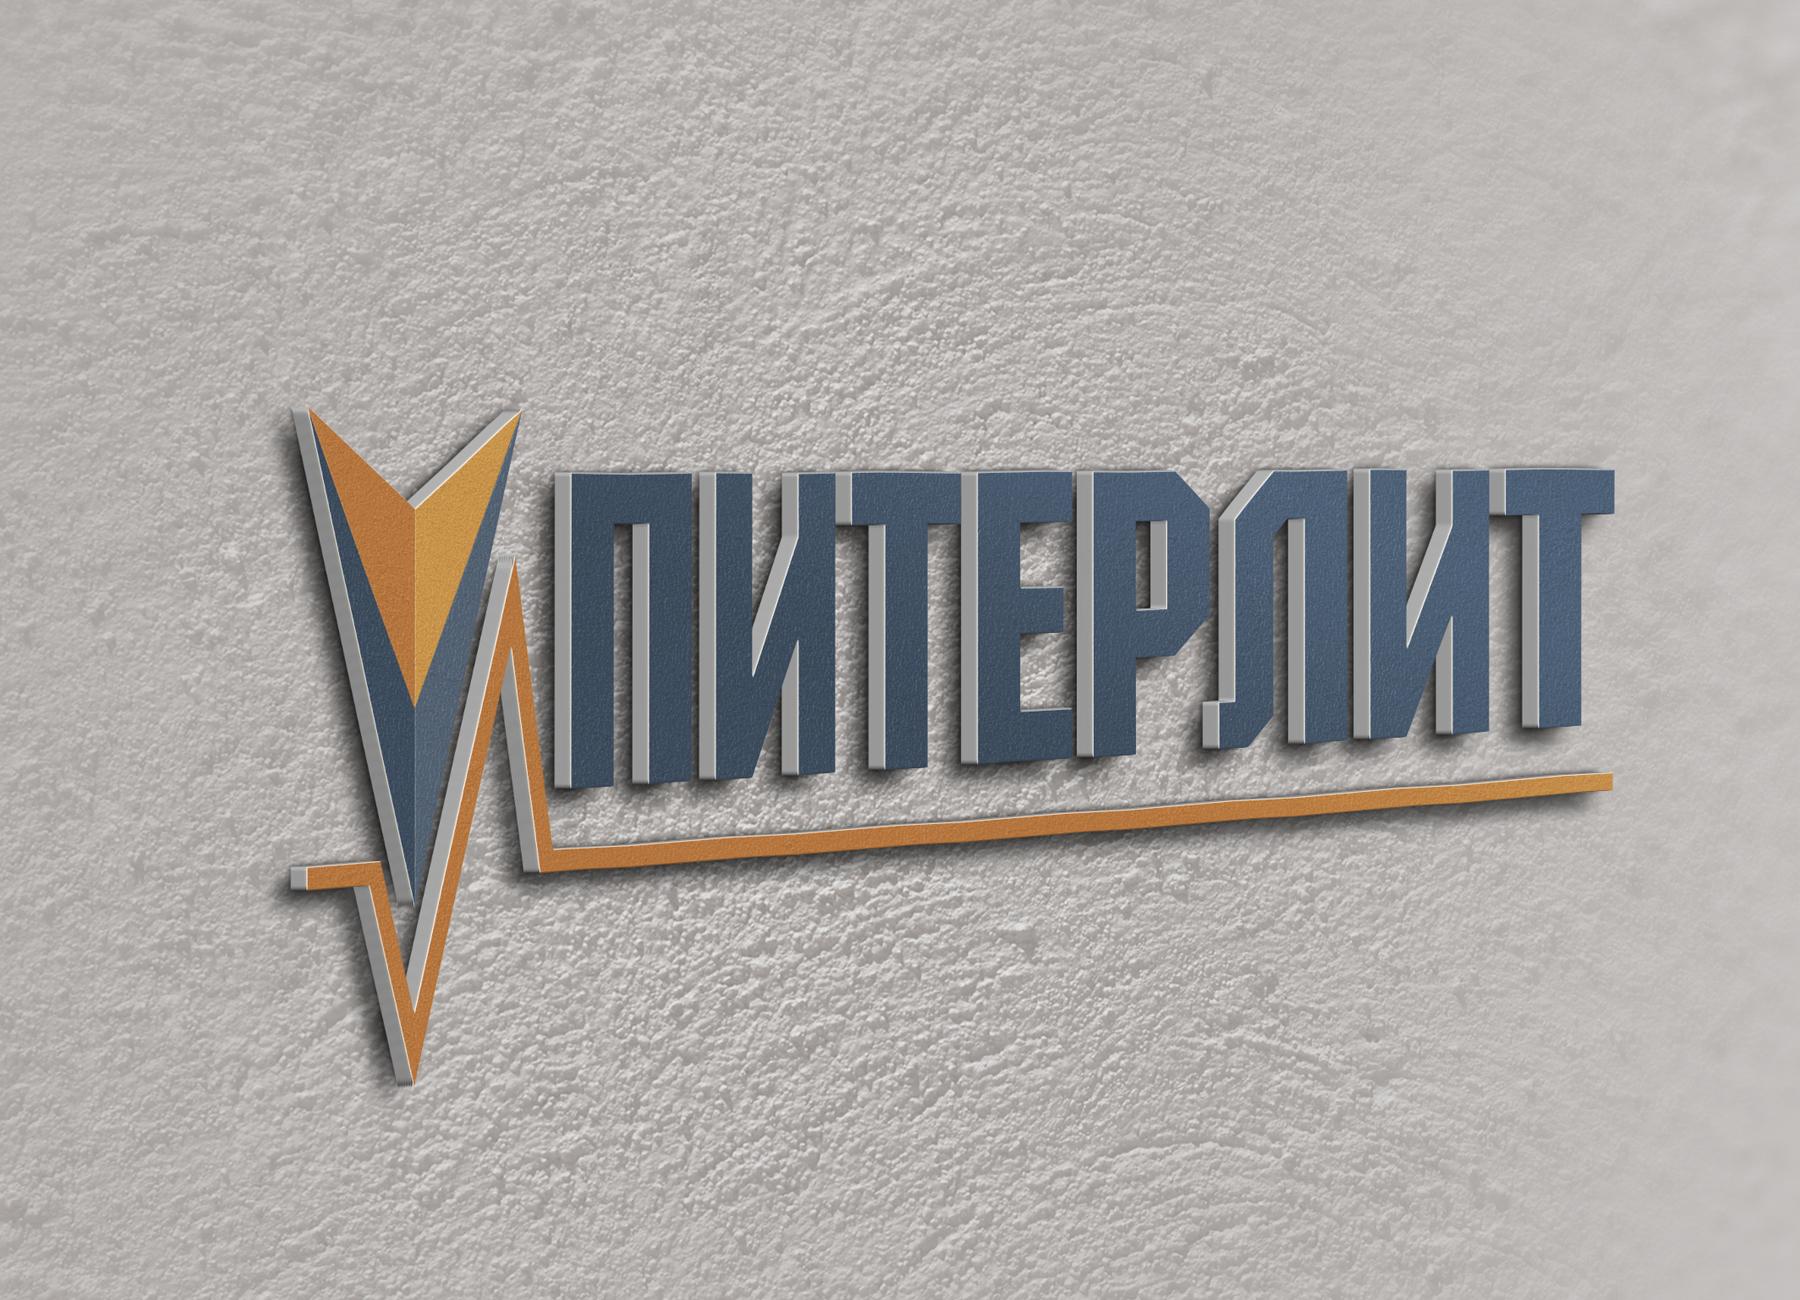 Разработали логотип для компании по бурению - Питерлит